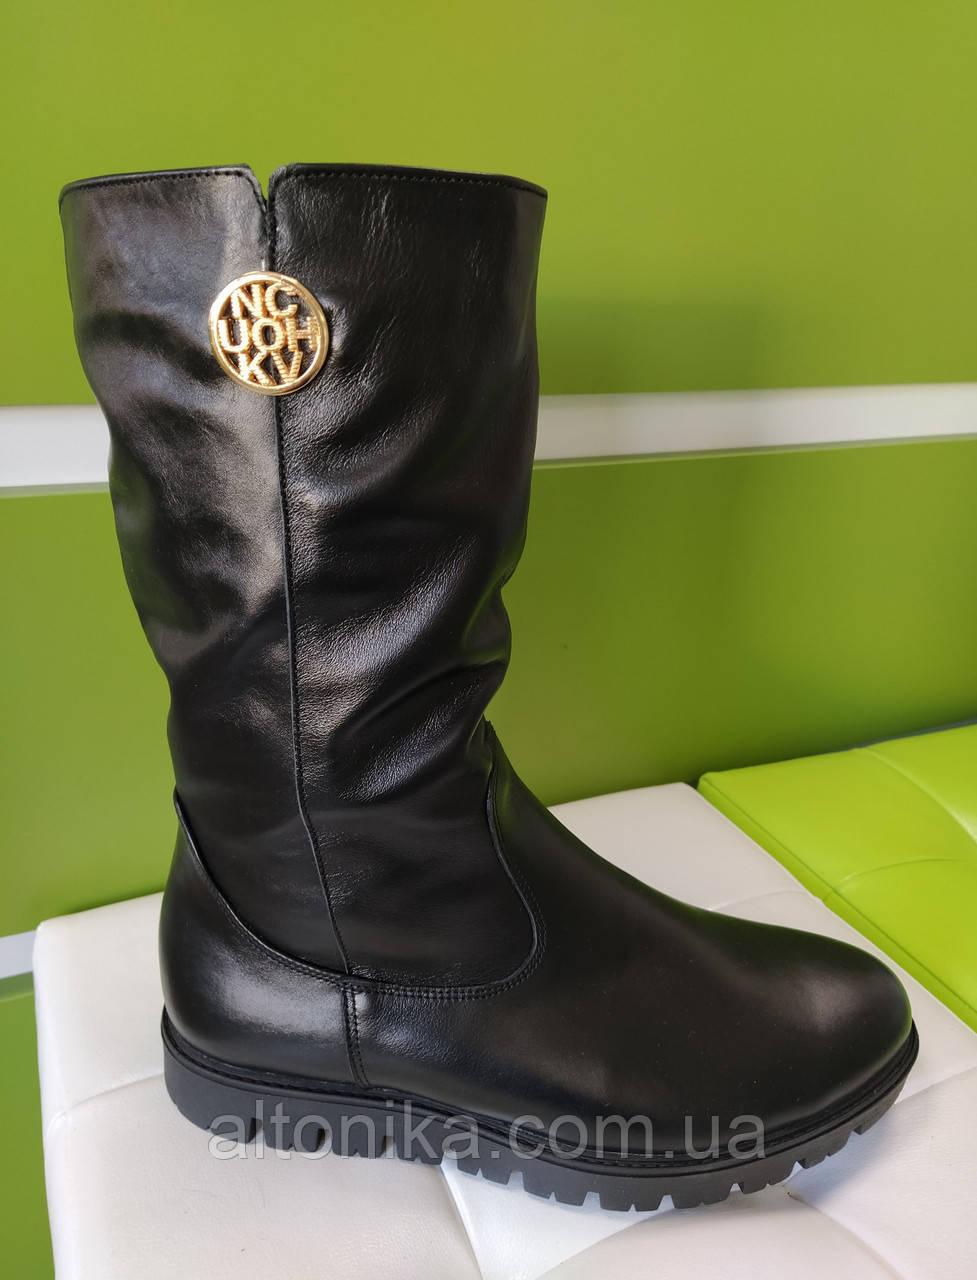 STTOPA 42р зима! Размеры 33-45! Сапоги кожаные больших размеров! С10-52-4045-35-3344